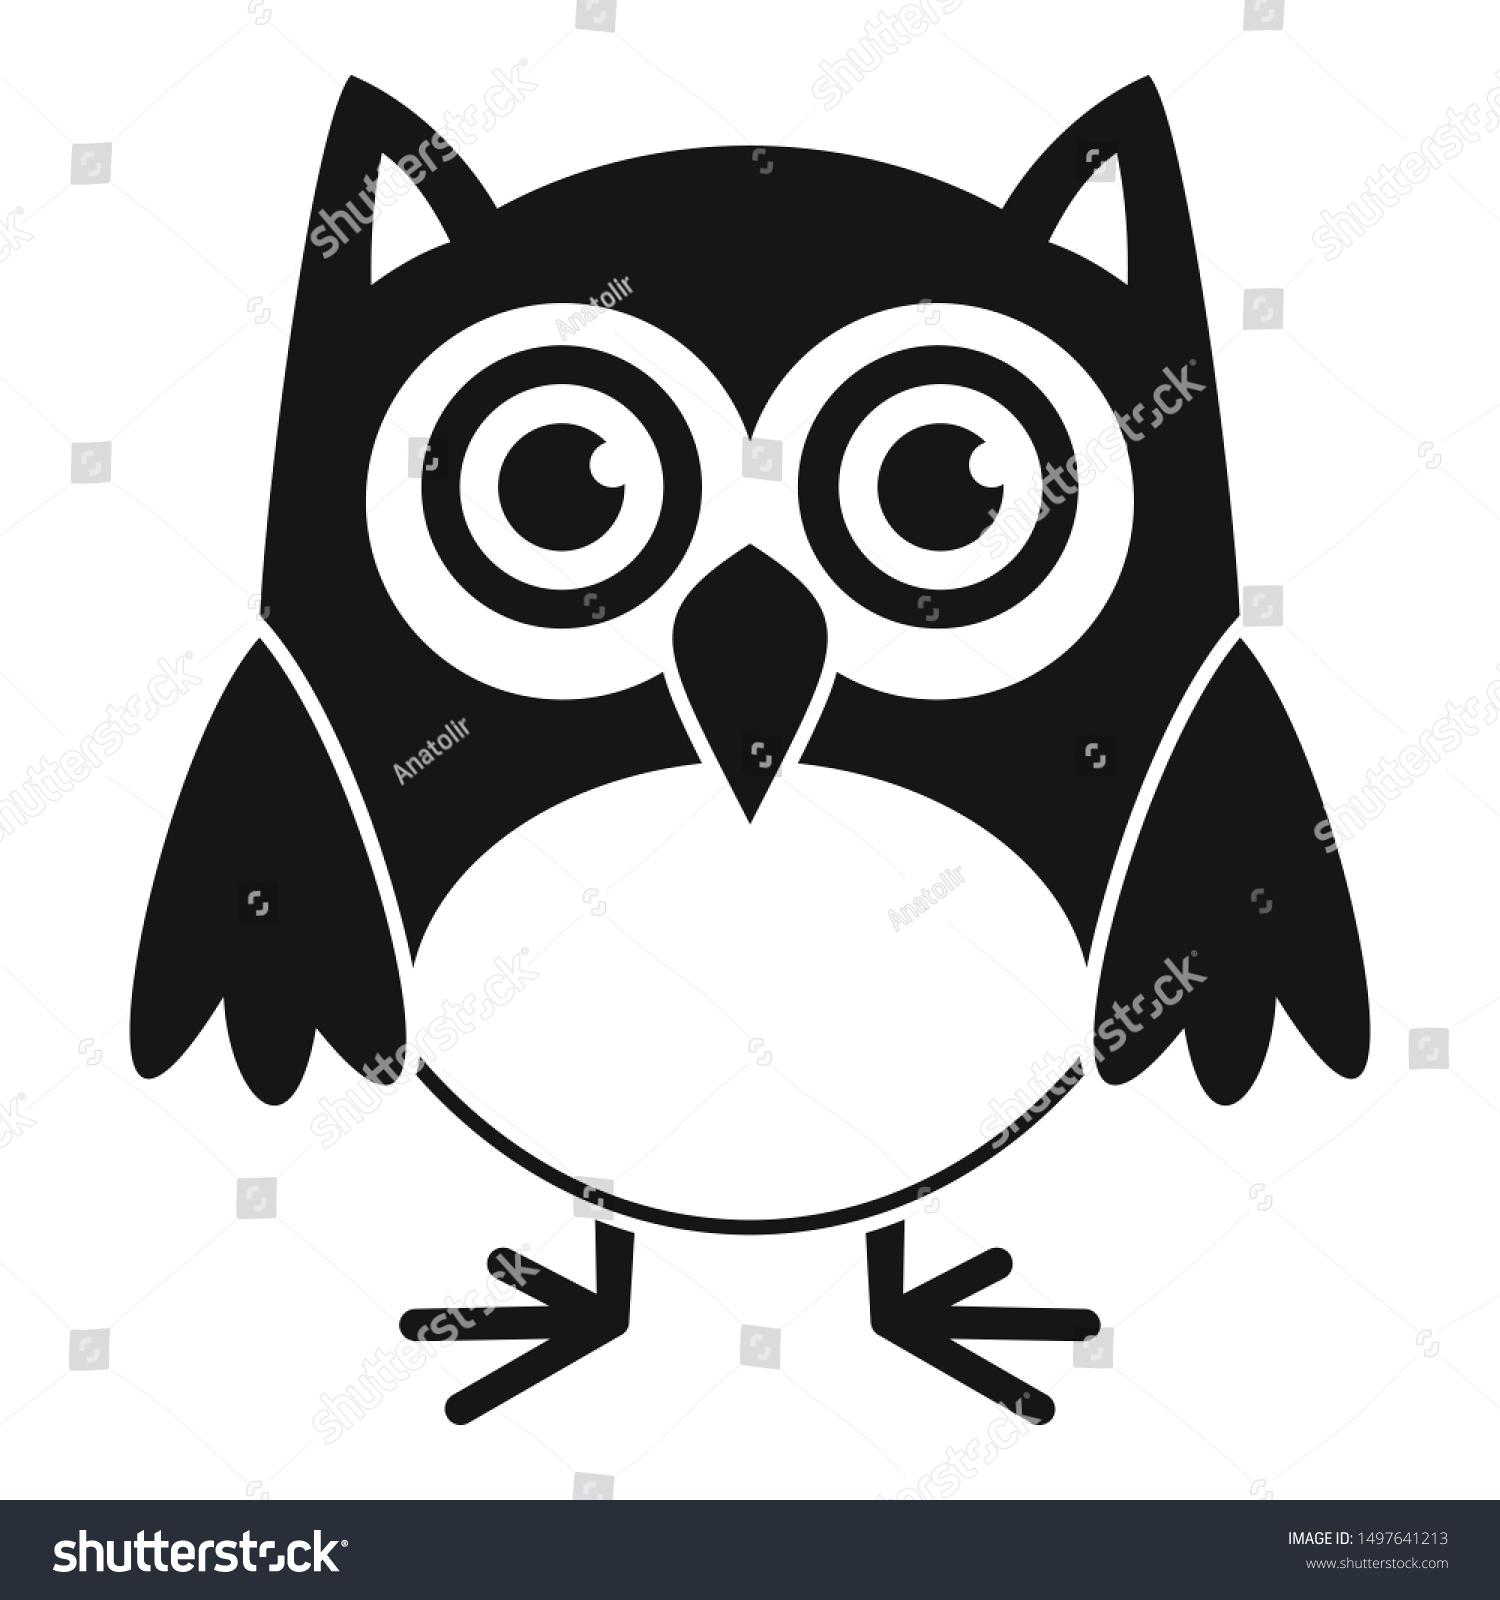 Image Vectorielle De Stock De Nature Owl Icon Simple Illustration